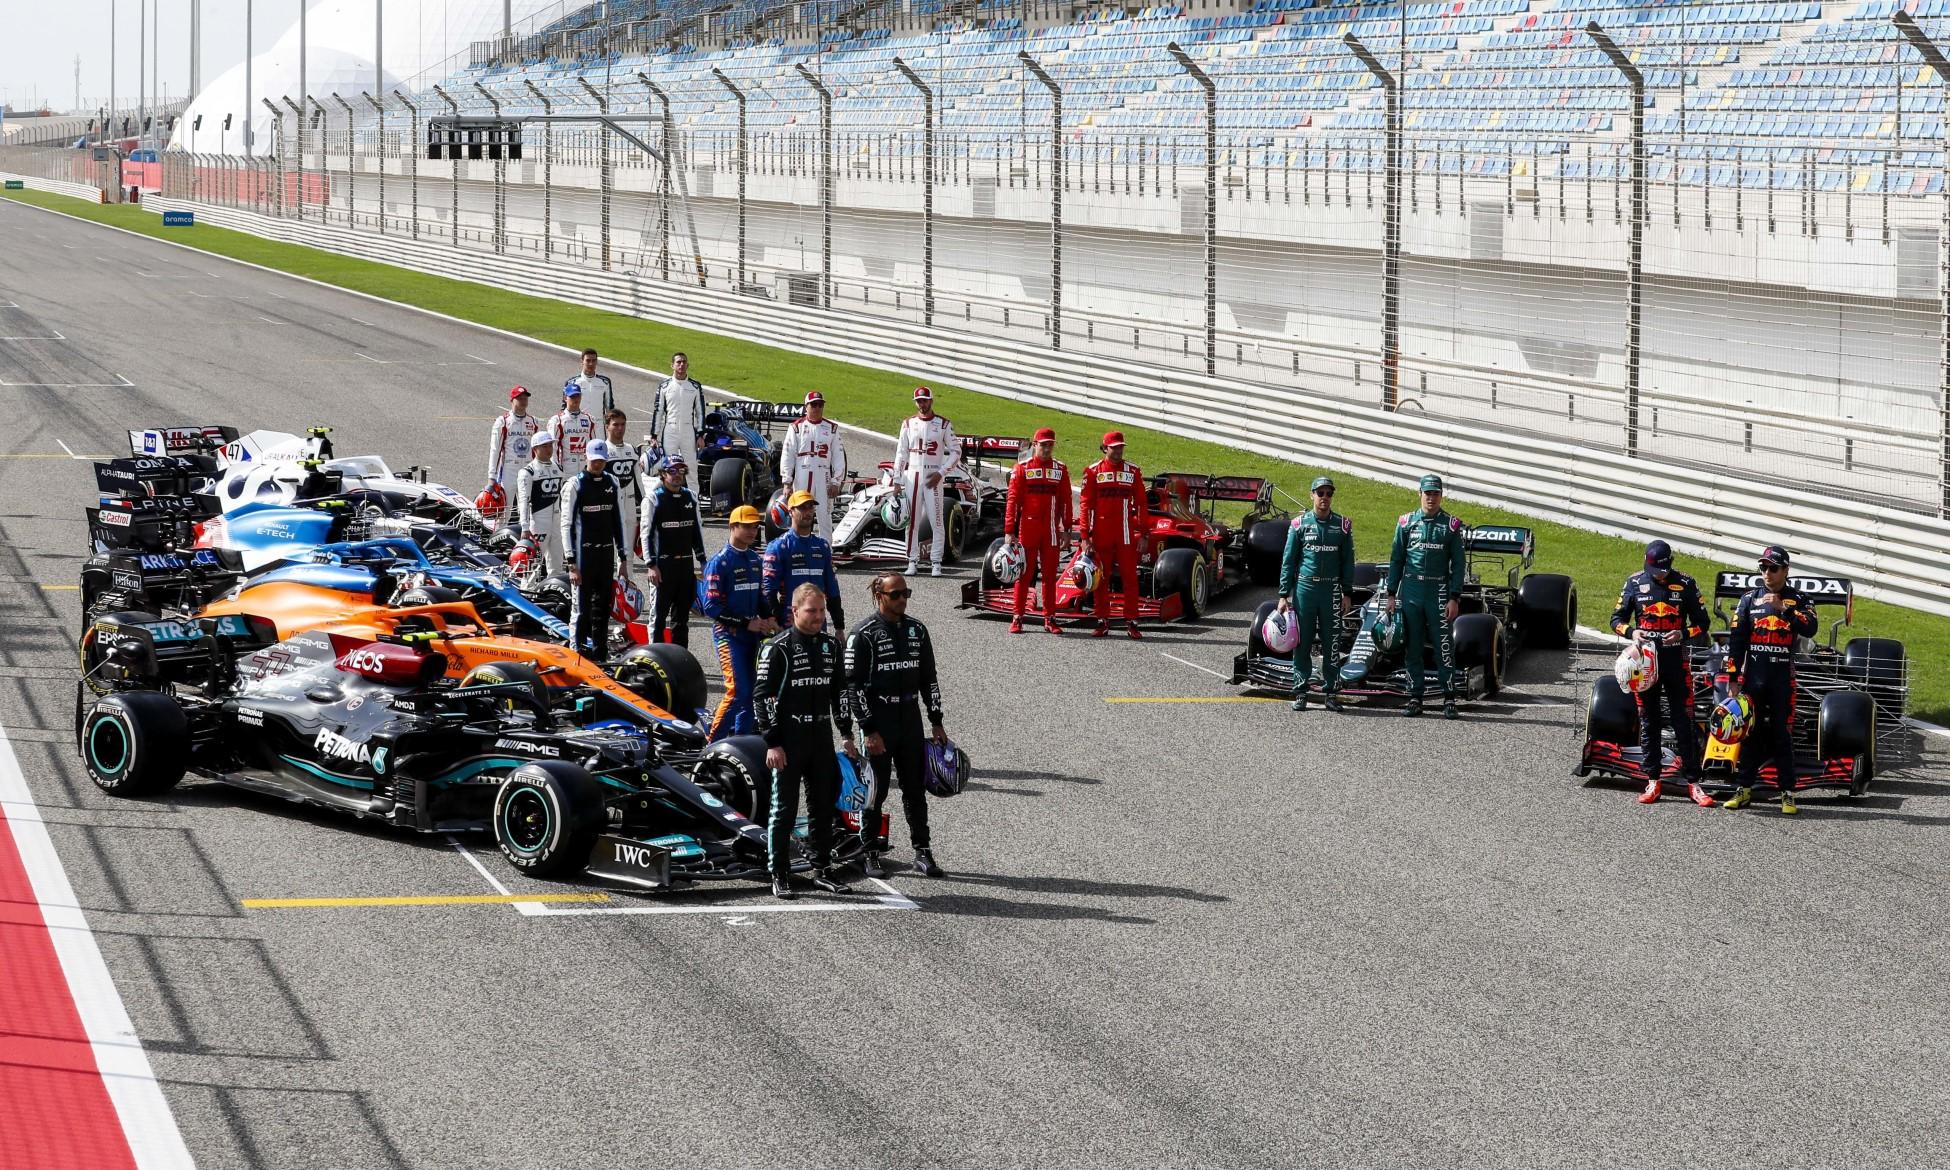 2021 Formula 1 Preview